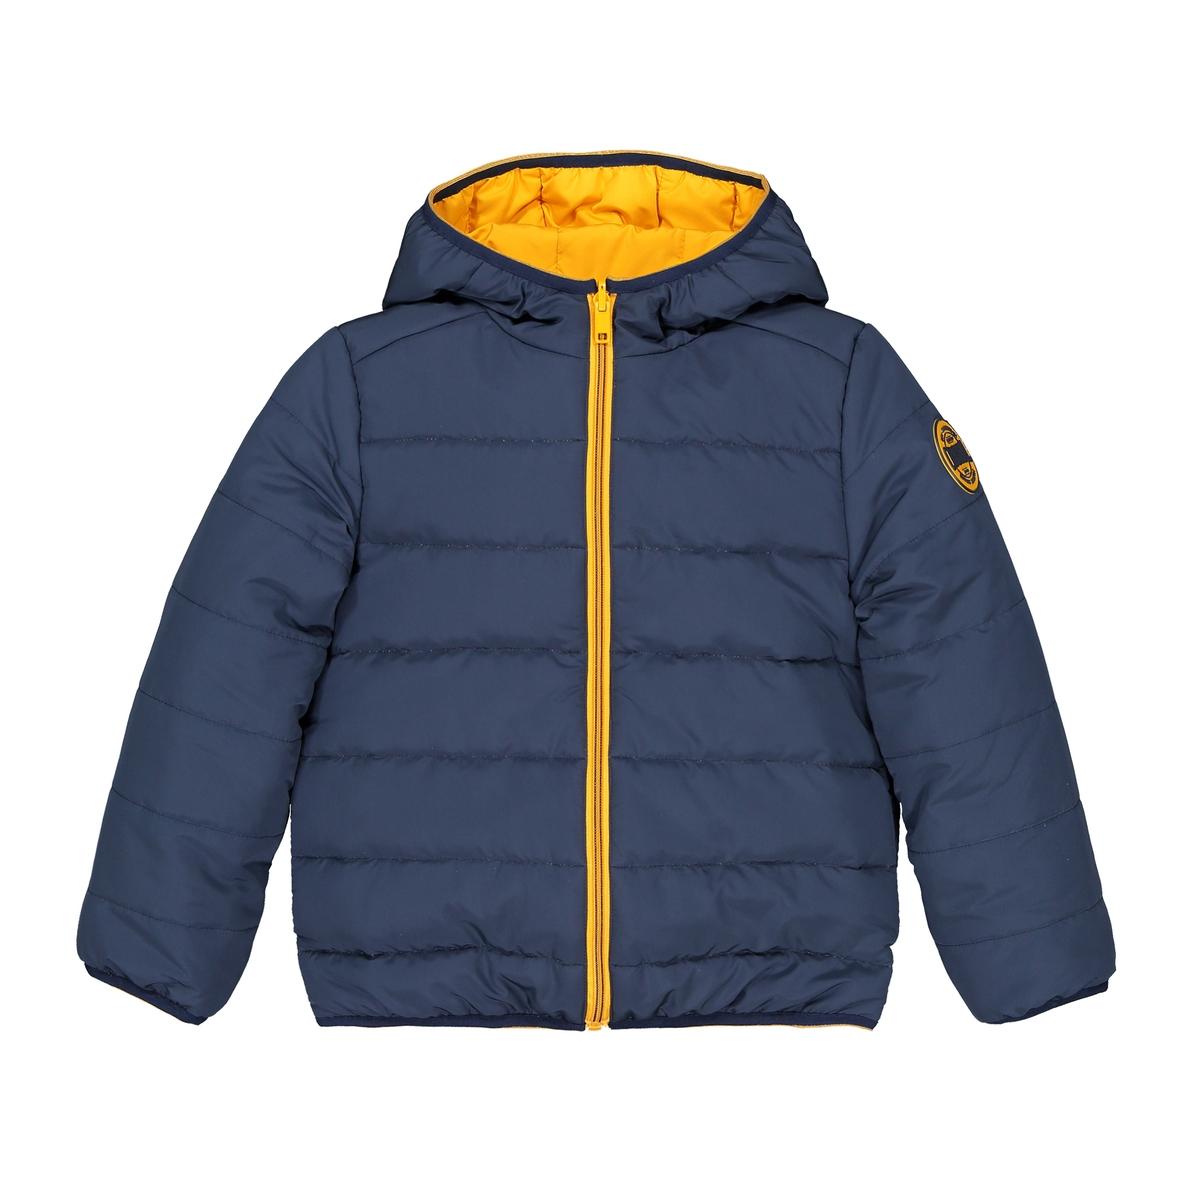 Куртка стеганая тонкая двусторонняя, демисезонная модель, 3-12 лет